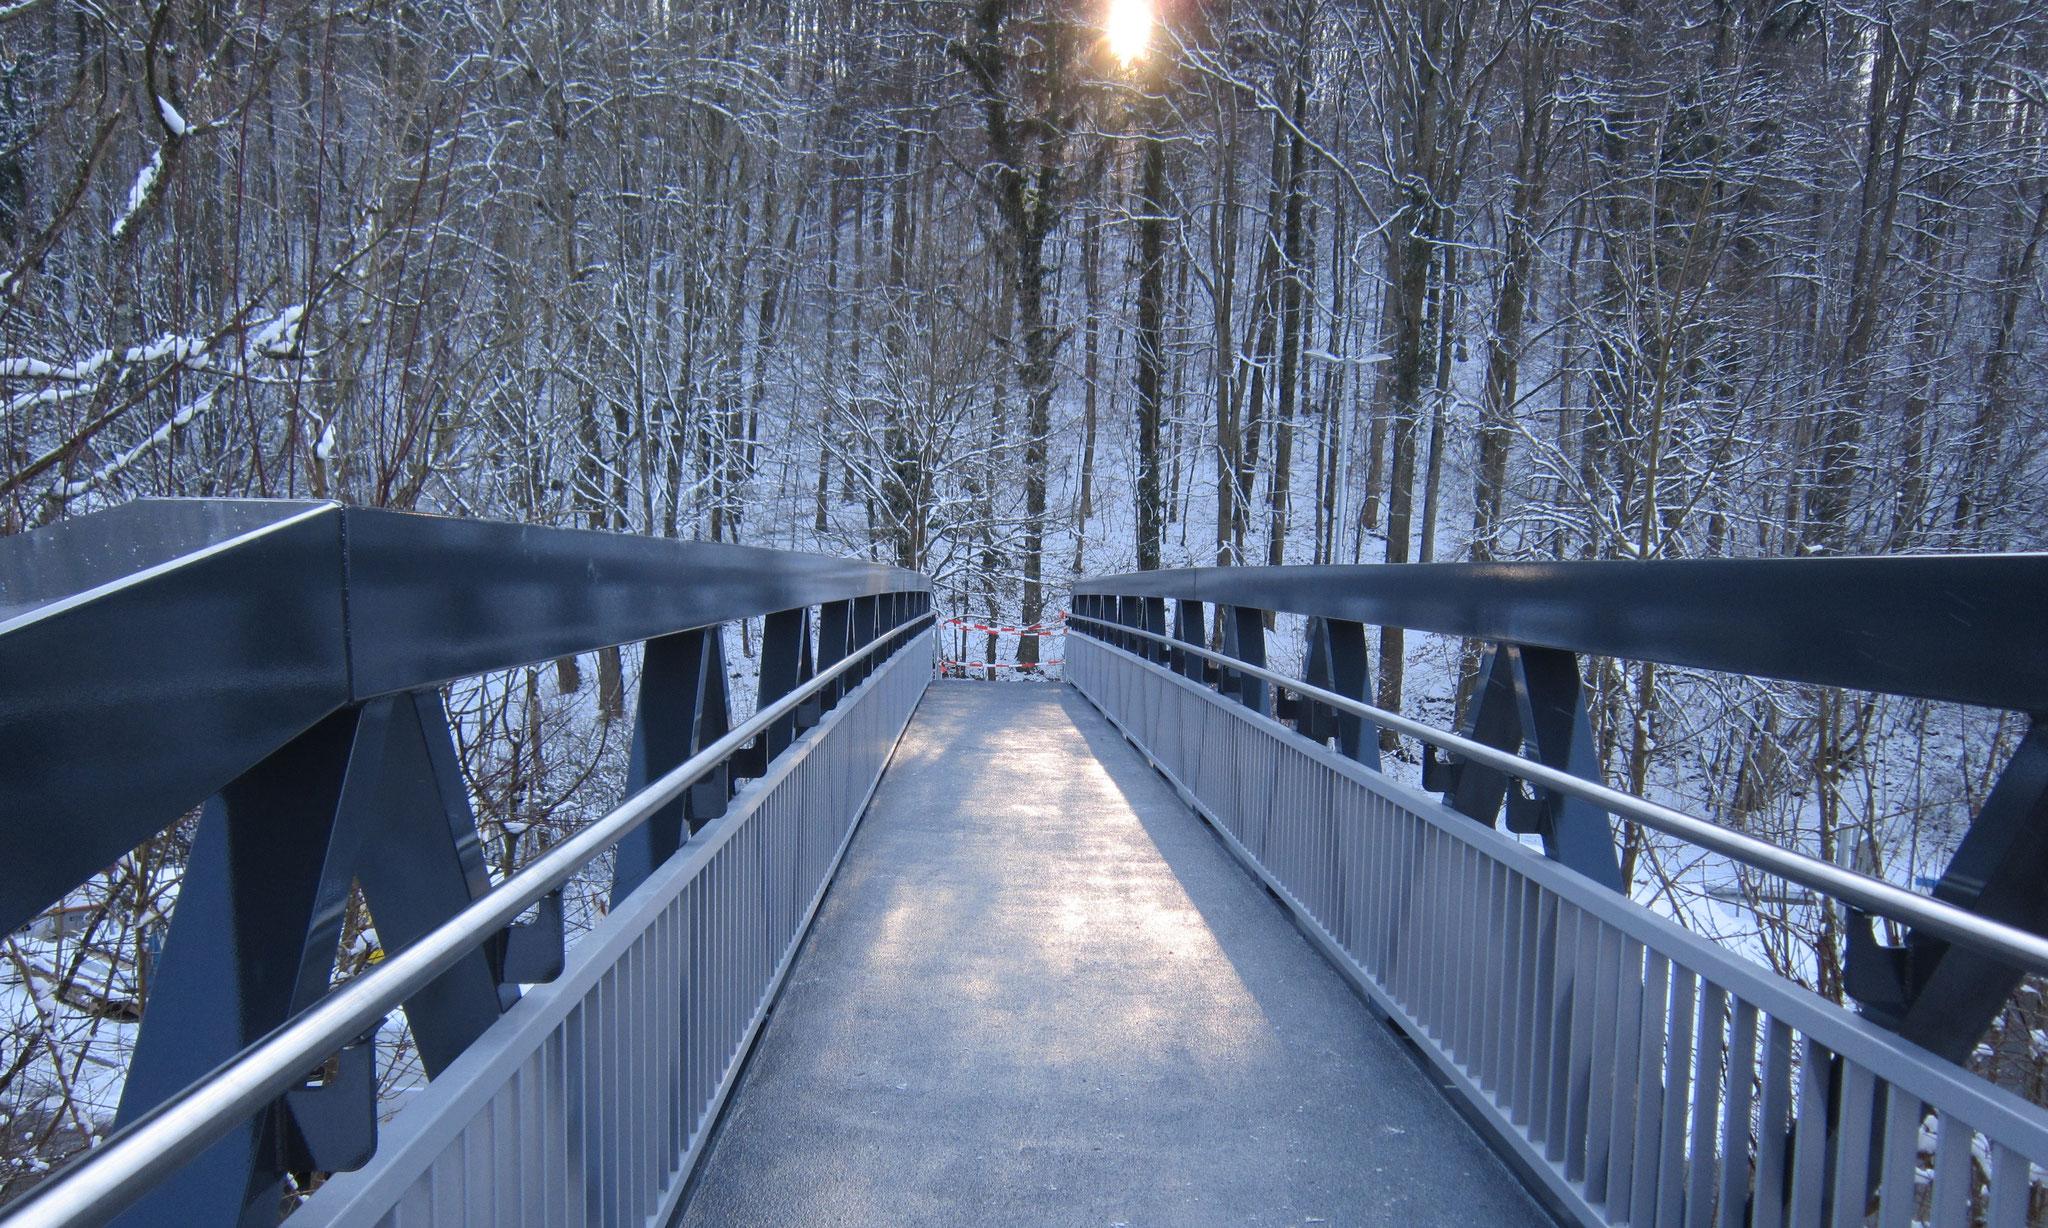 Fußgängerbrücke Neckarzimmern